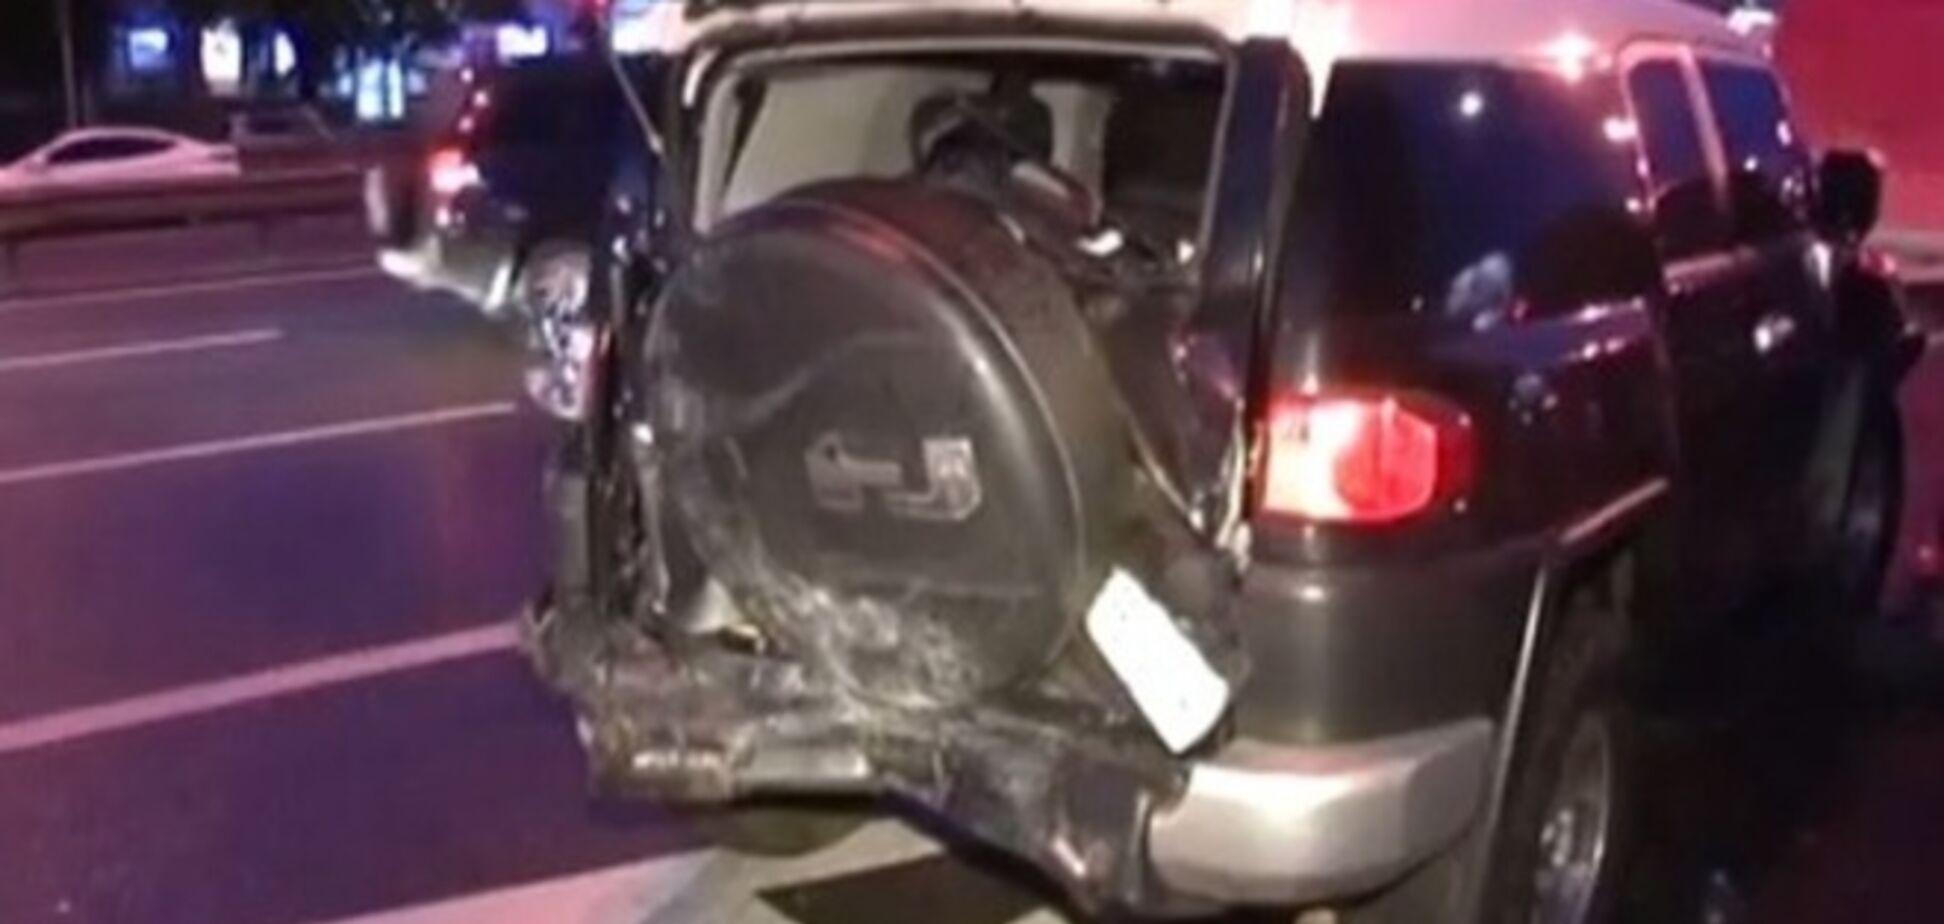 В Киеве бус провоцировал ДТП: трое пострадавших, повреждены четыре авто